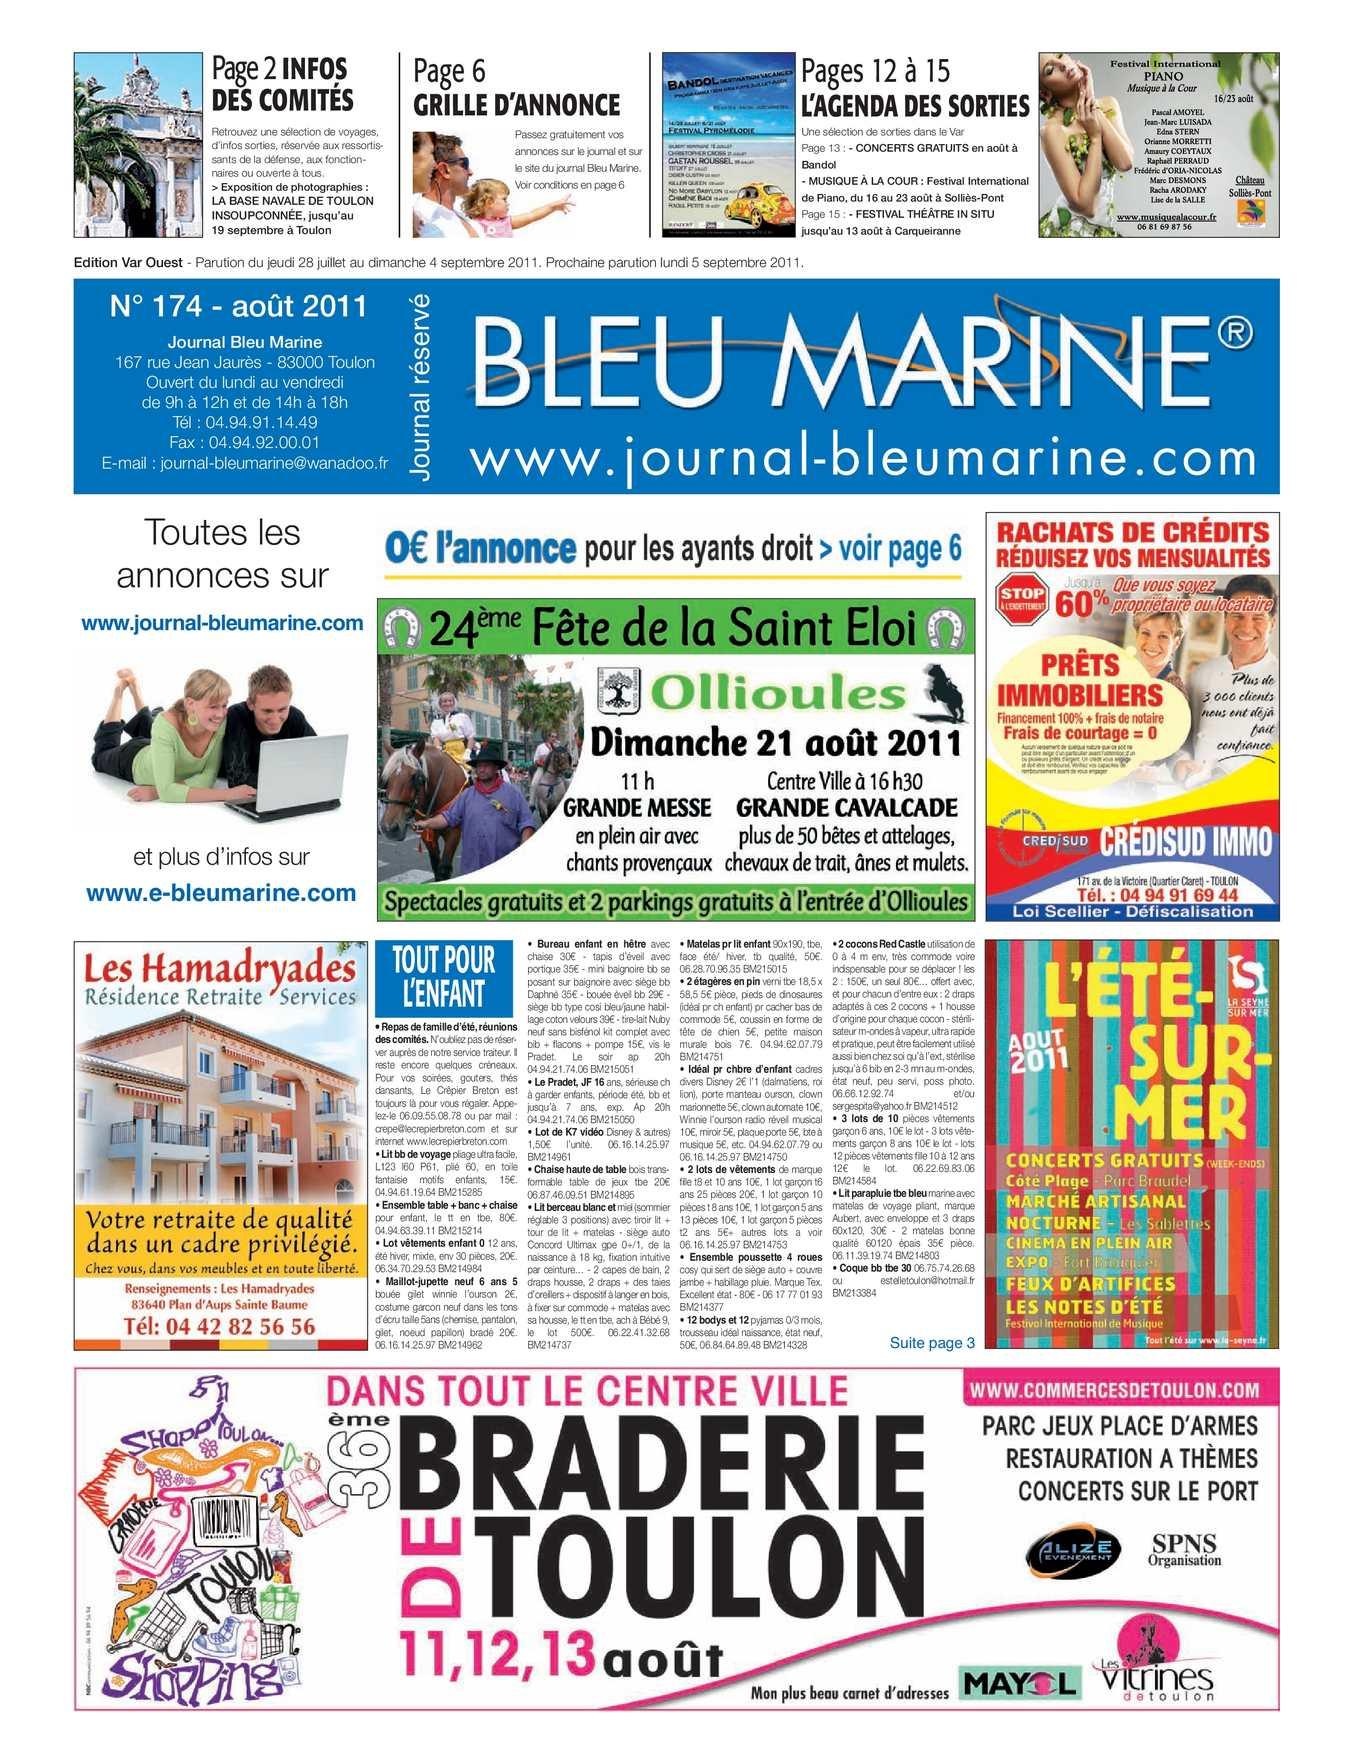 Calaméo Bleu Marine 174 Ao t 2011